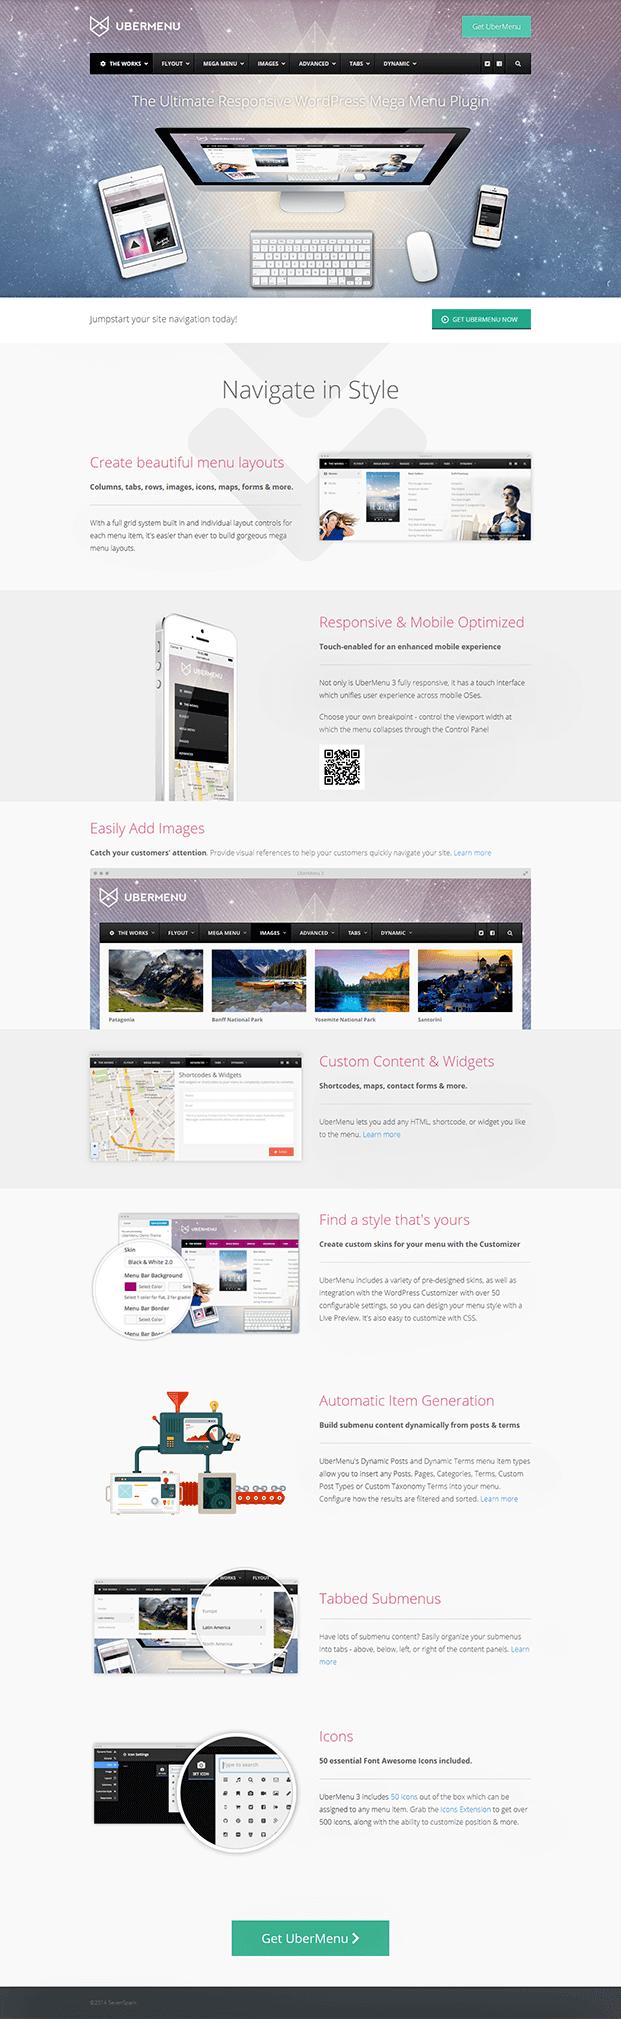 UberMenu WordPress Plugin - Home